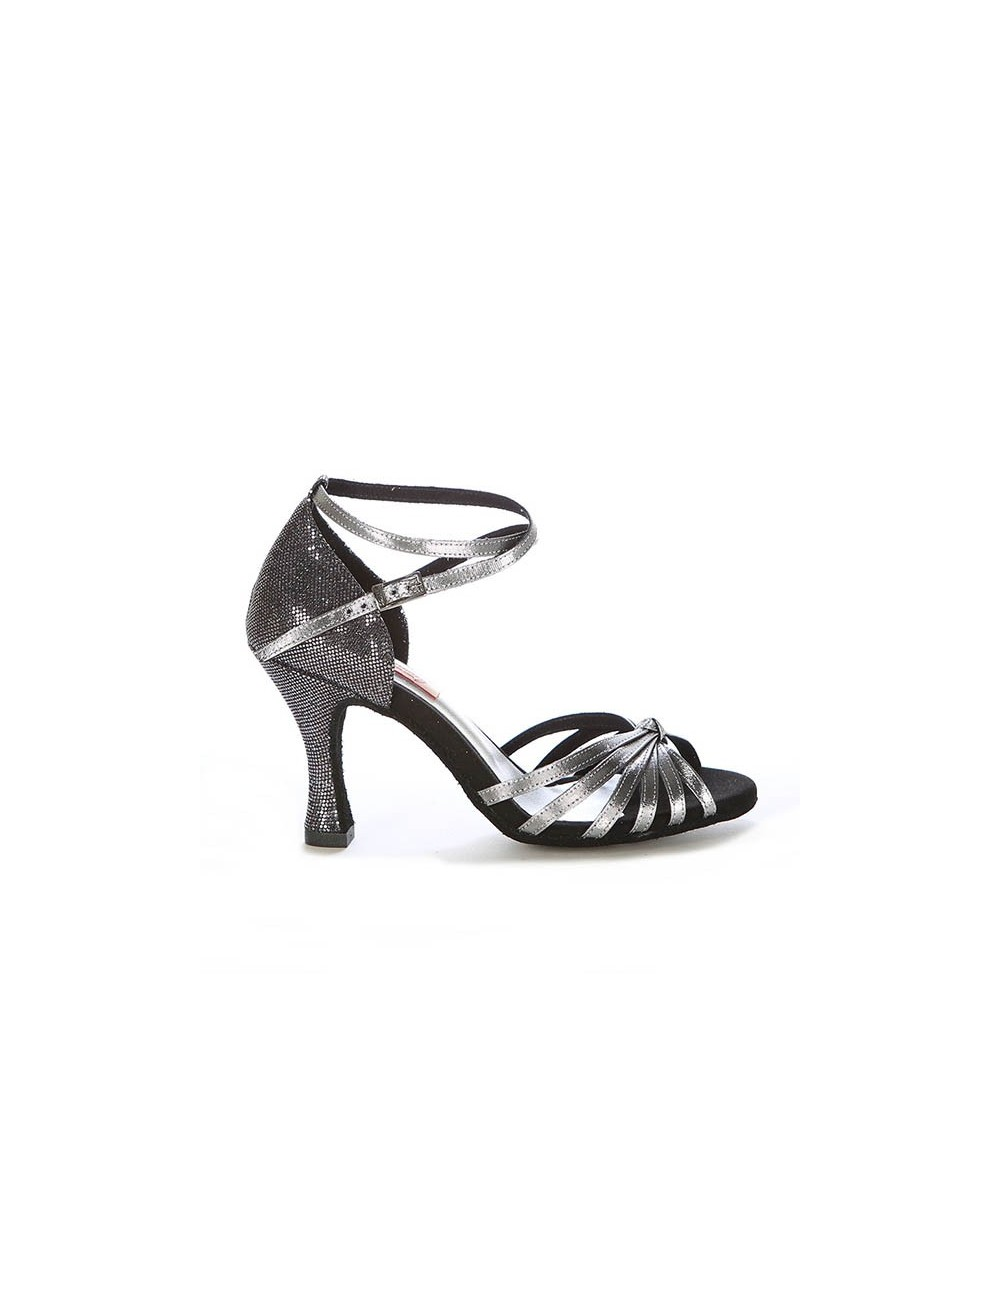 diseño atemporal 1dd17 ca99b ZAPATOS DE SALSA COMODOS Zapatos de baile latino de calidad en Malaga y  granada